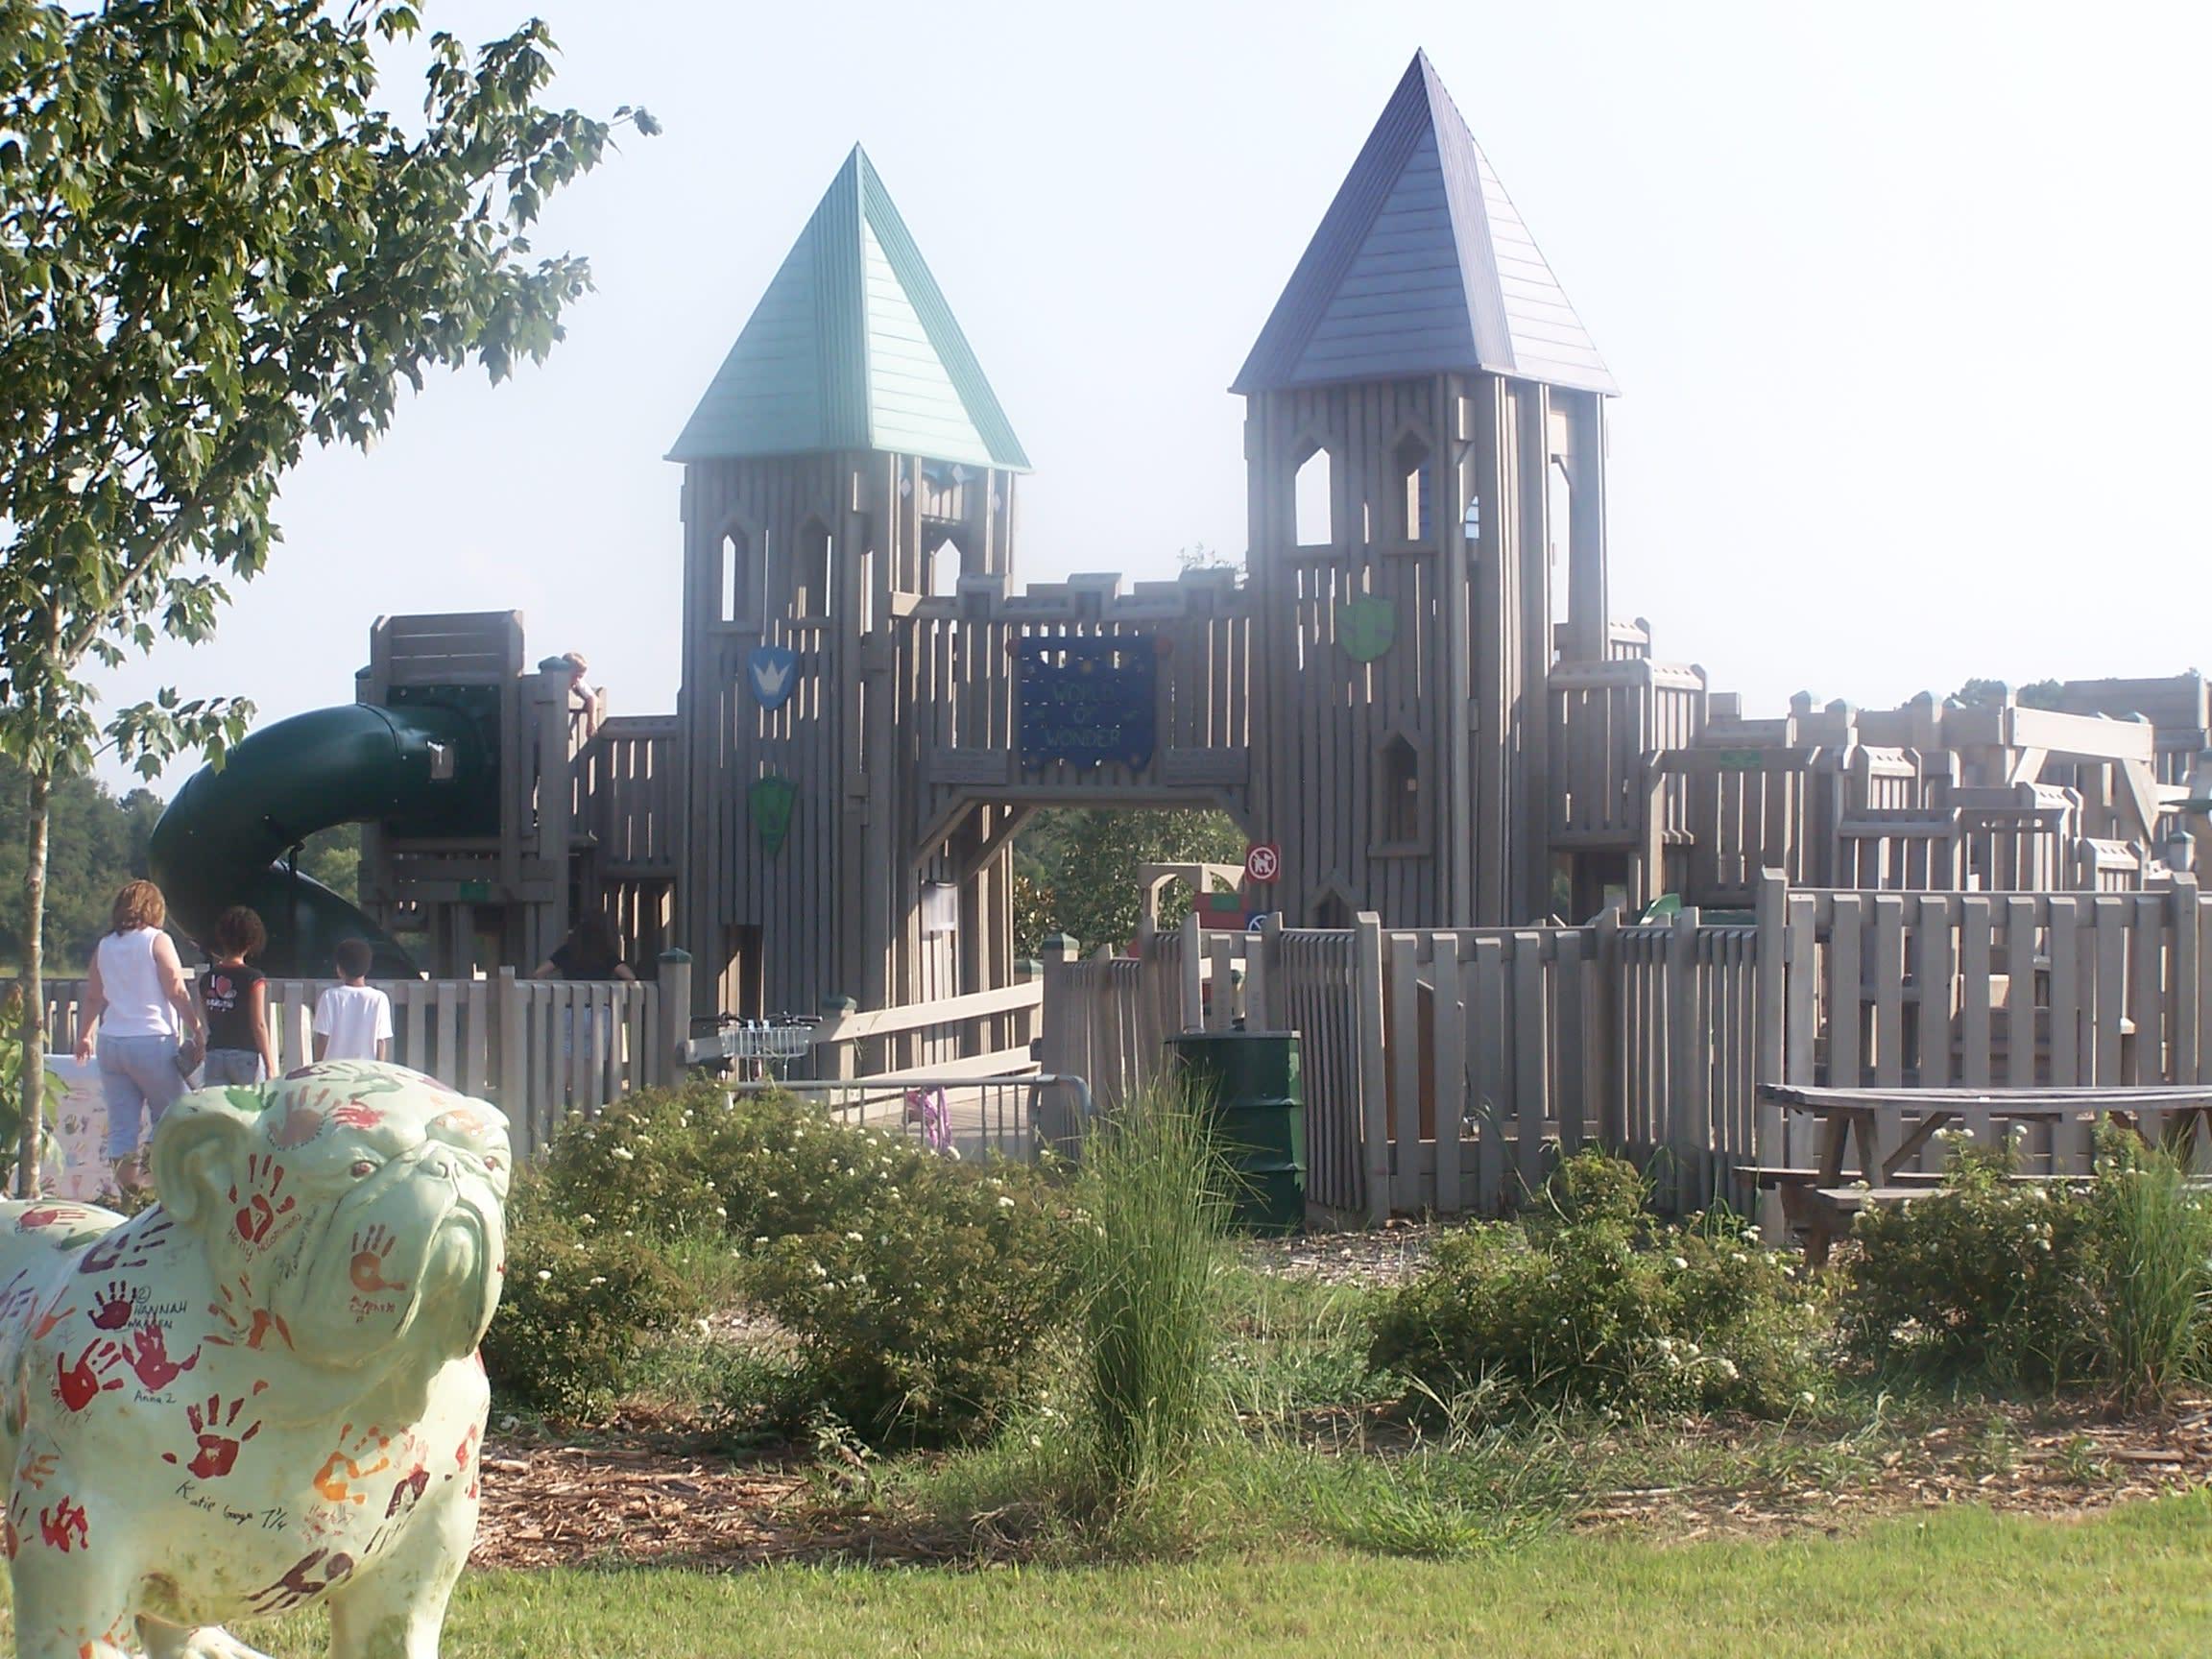 WOW Playground